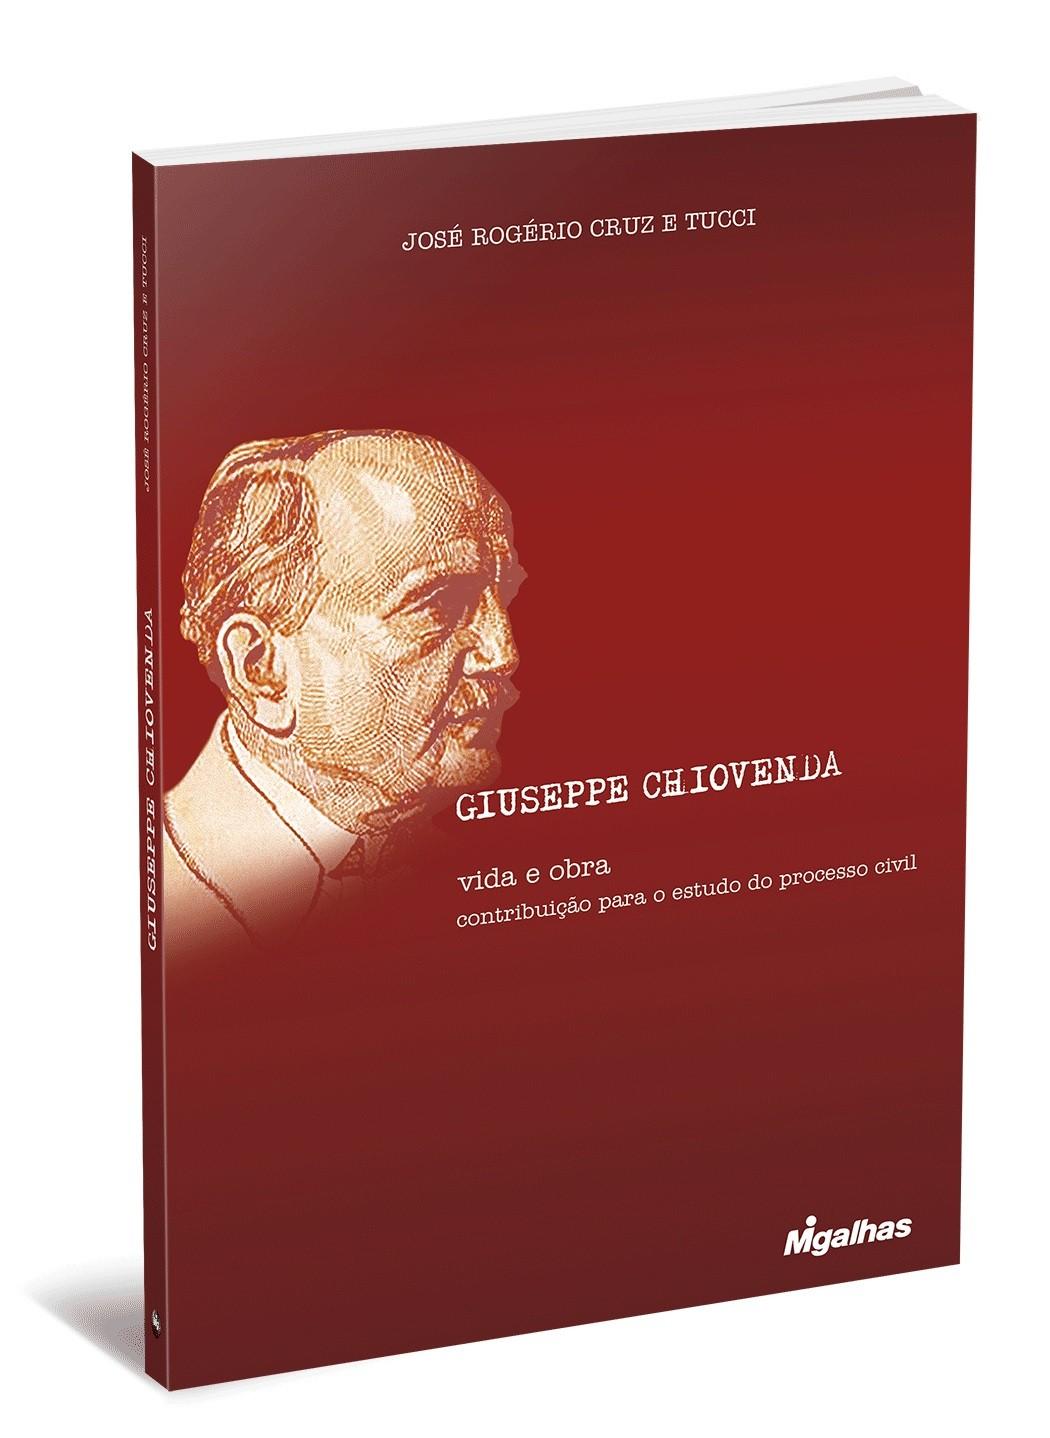 Giuseppe Chiovenda: vida e obra - contribuição para o estudo do processo civil